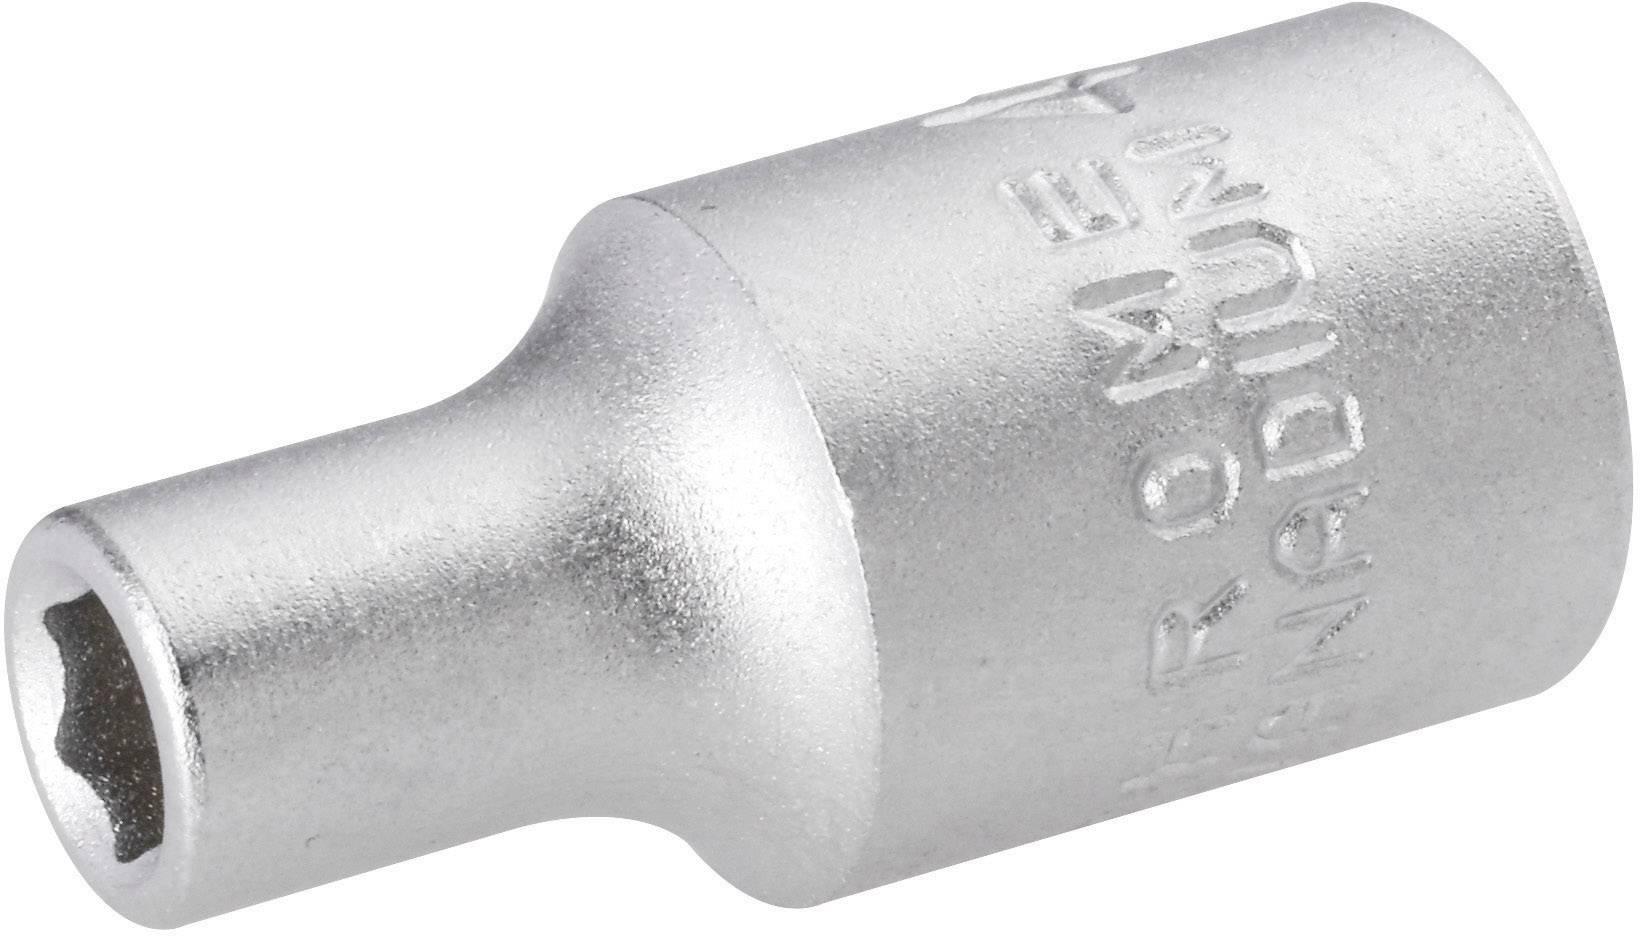 """Nástavec pro ráčnu TOOLCRAFT 820744, vnější šestihran, 1/4"""" (6,3 mm), 5.5 mm, chrom-vanadová ocel"""